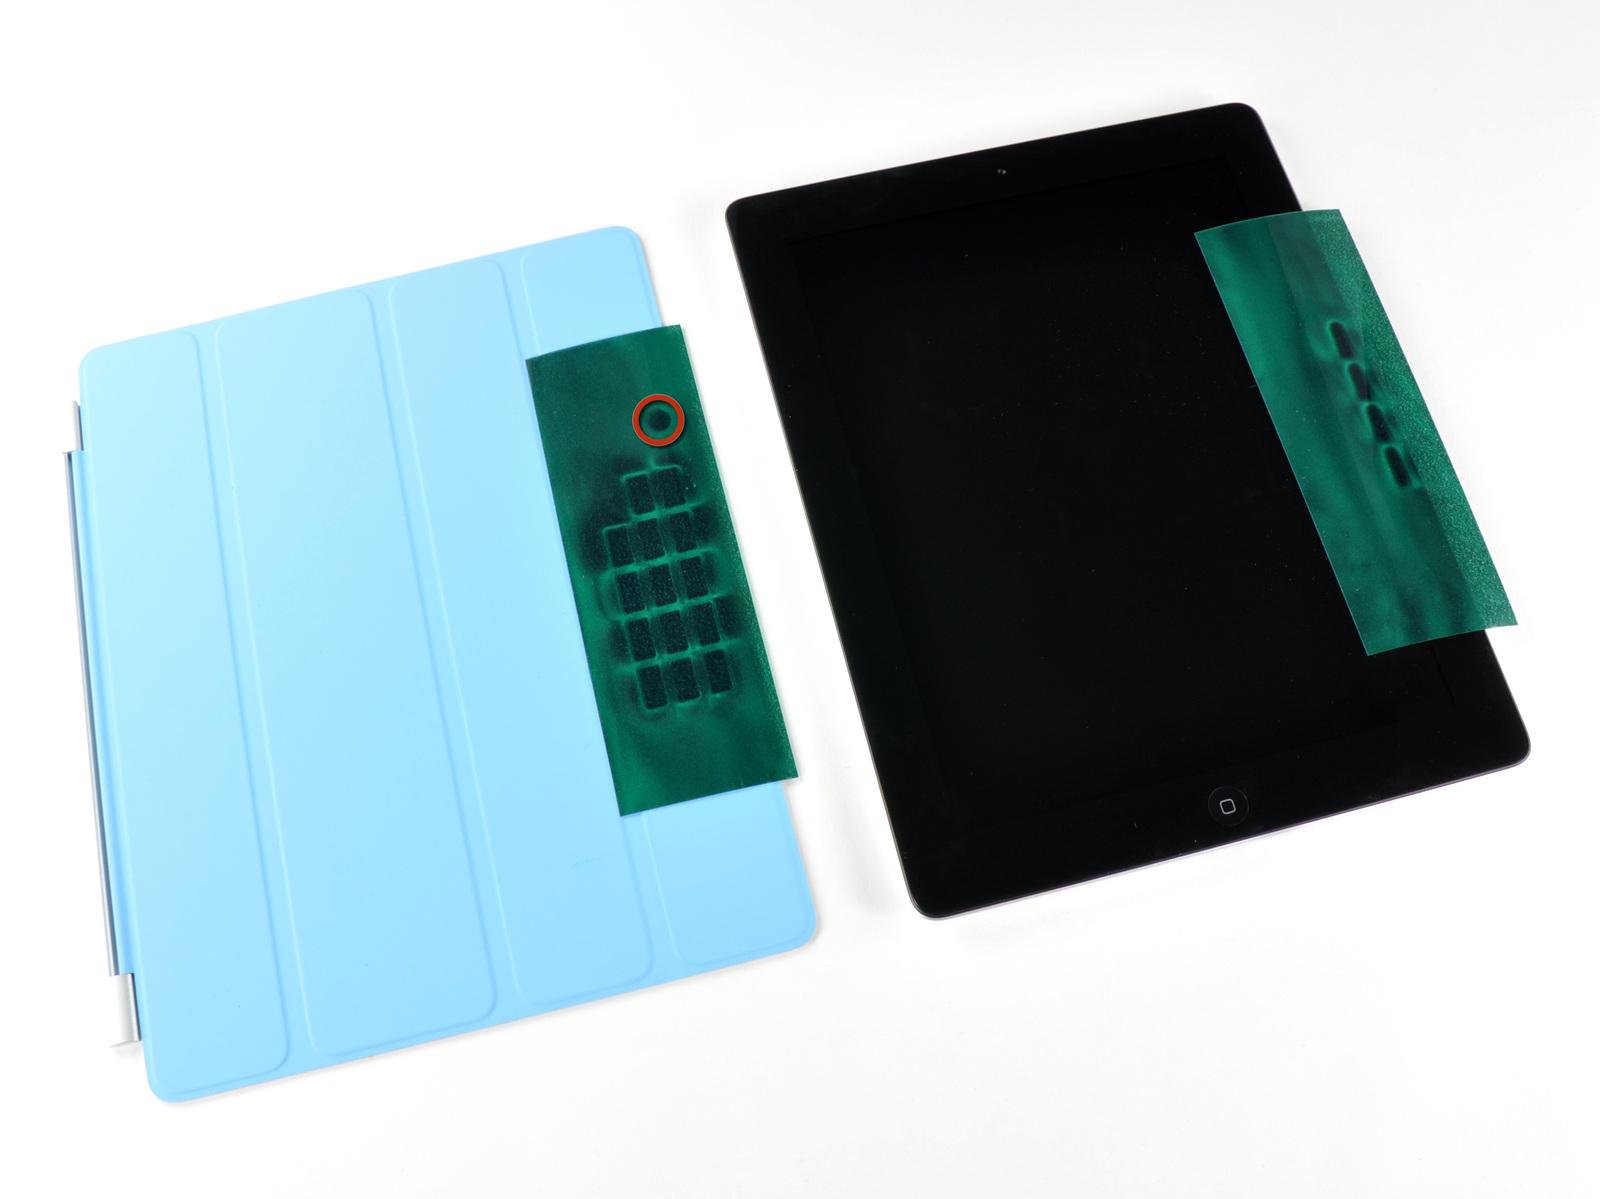 Ímãs da Smart Cover e do iPad 2 - iFixit